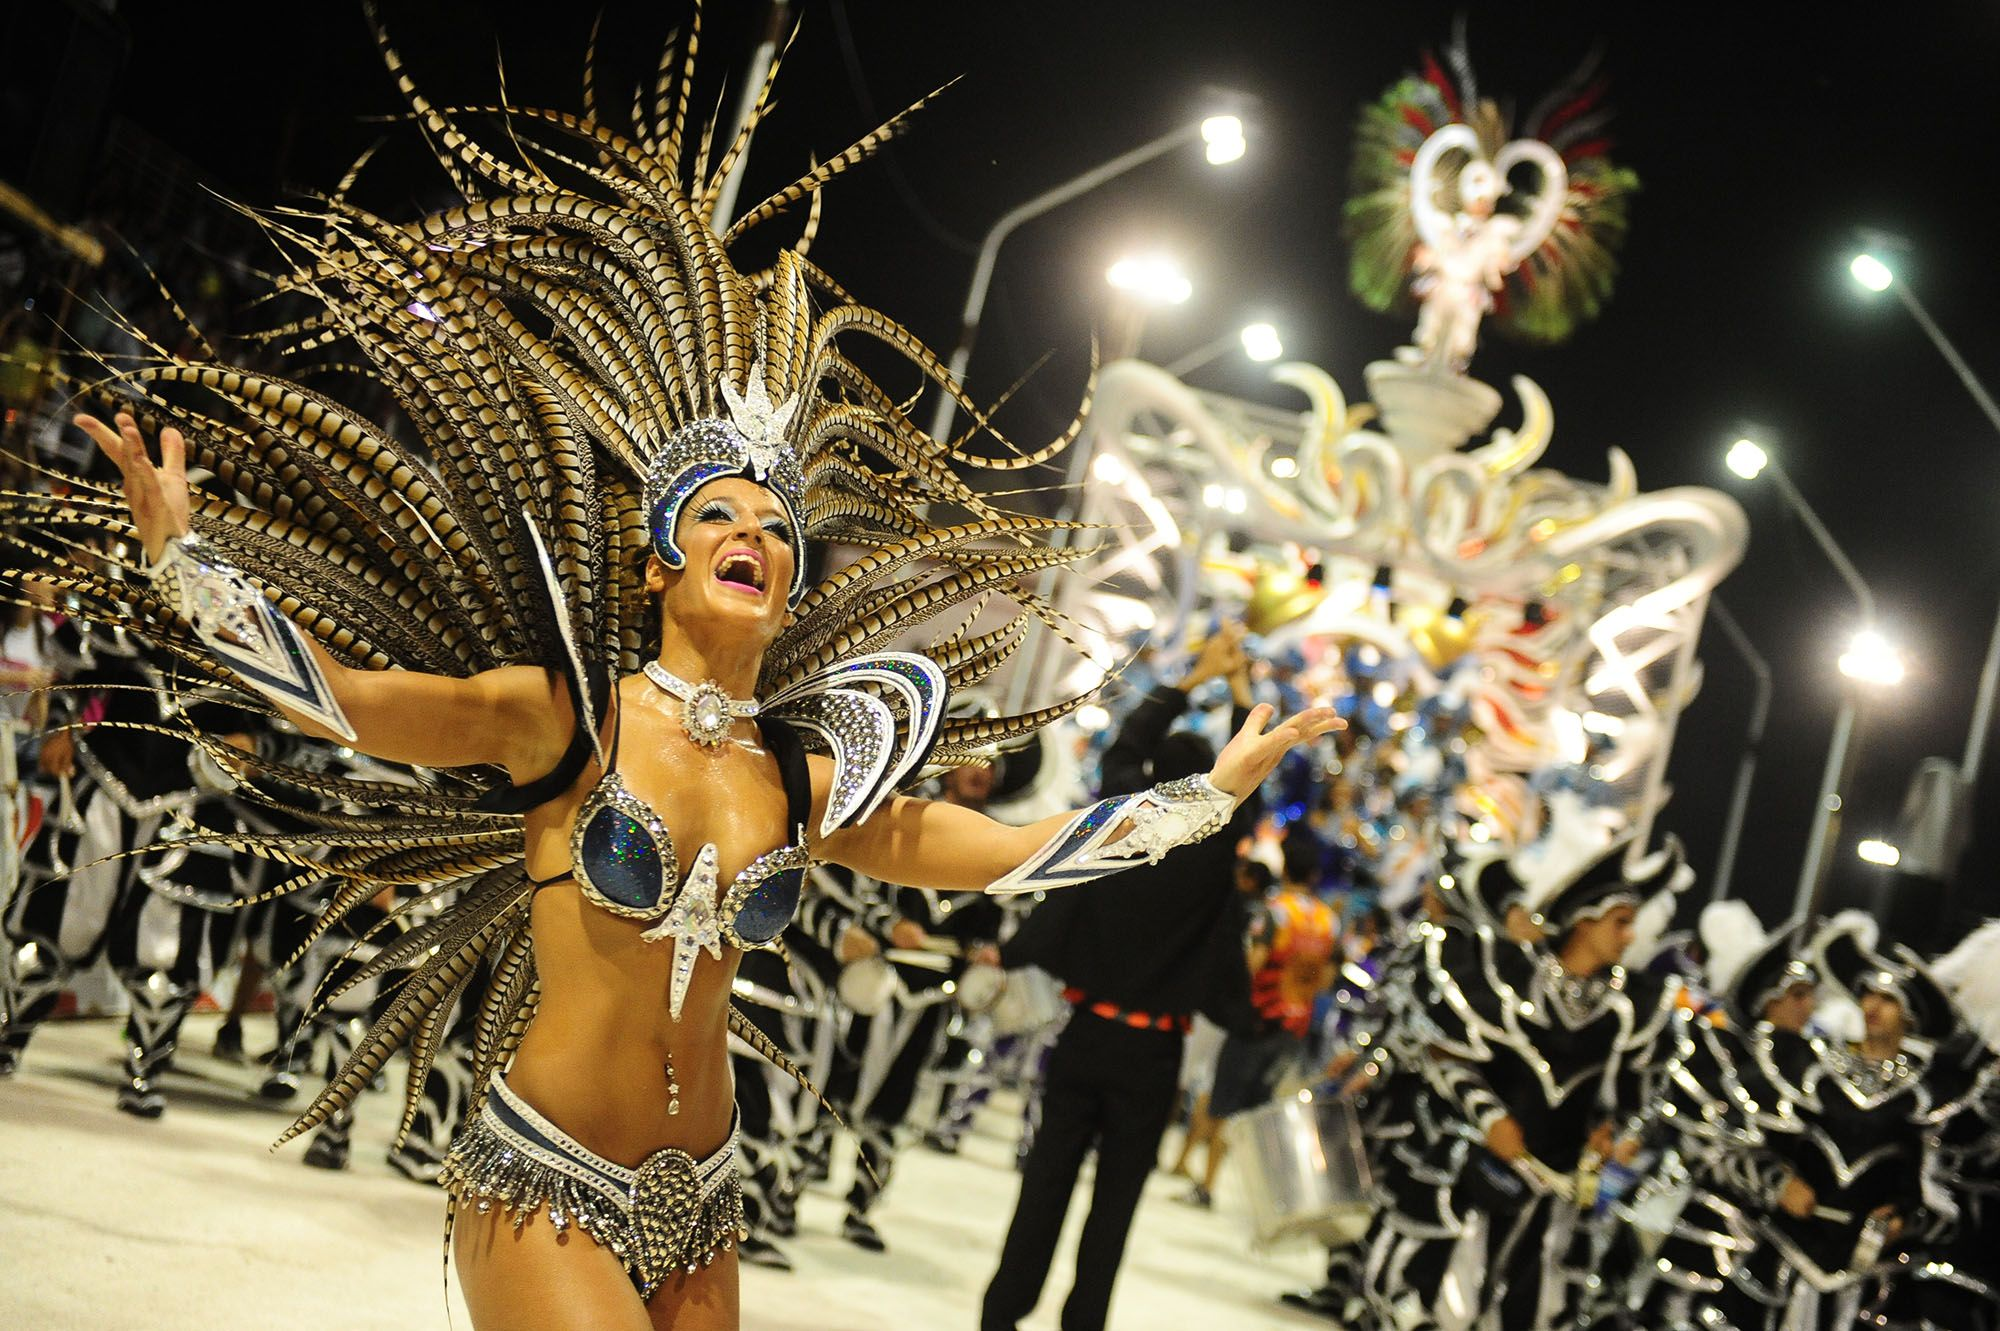 ¿Por qué se festeja el carnaval?